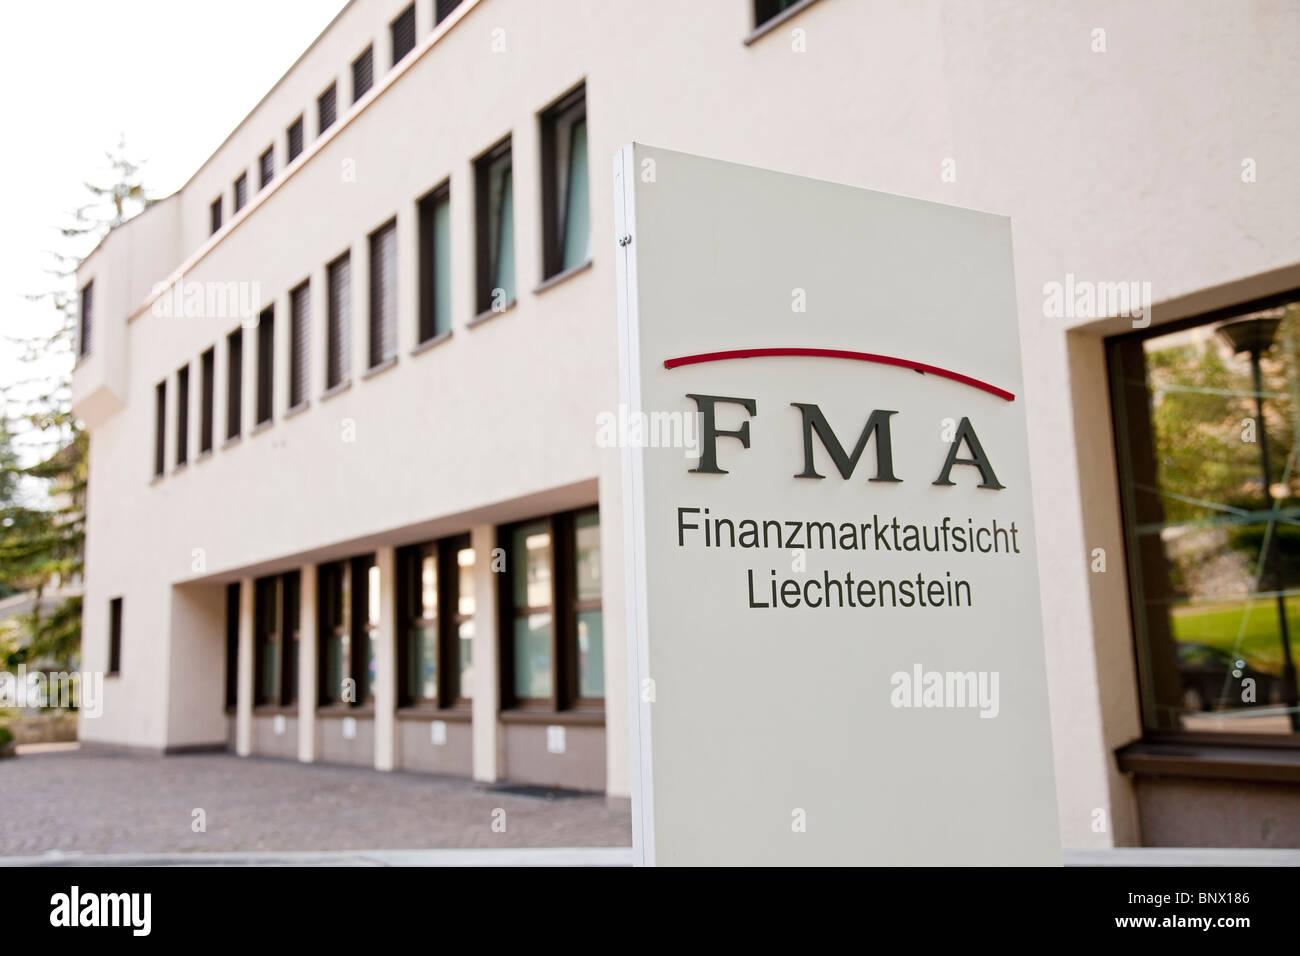 Finanzmarktaufsicht Liechtenstein ( FMA ), the financial market authority in VADUZ Stock Photo